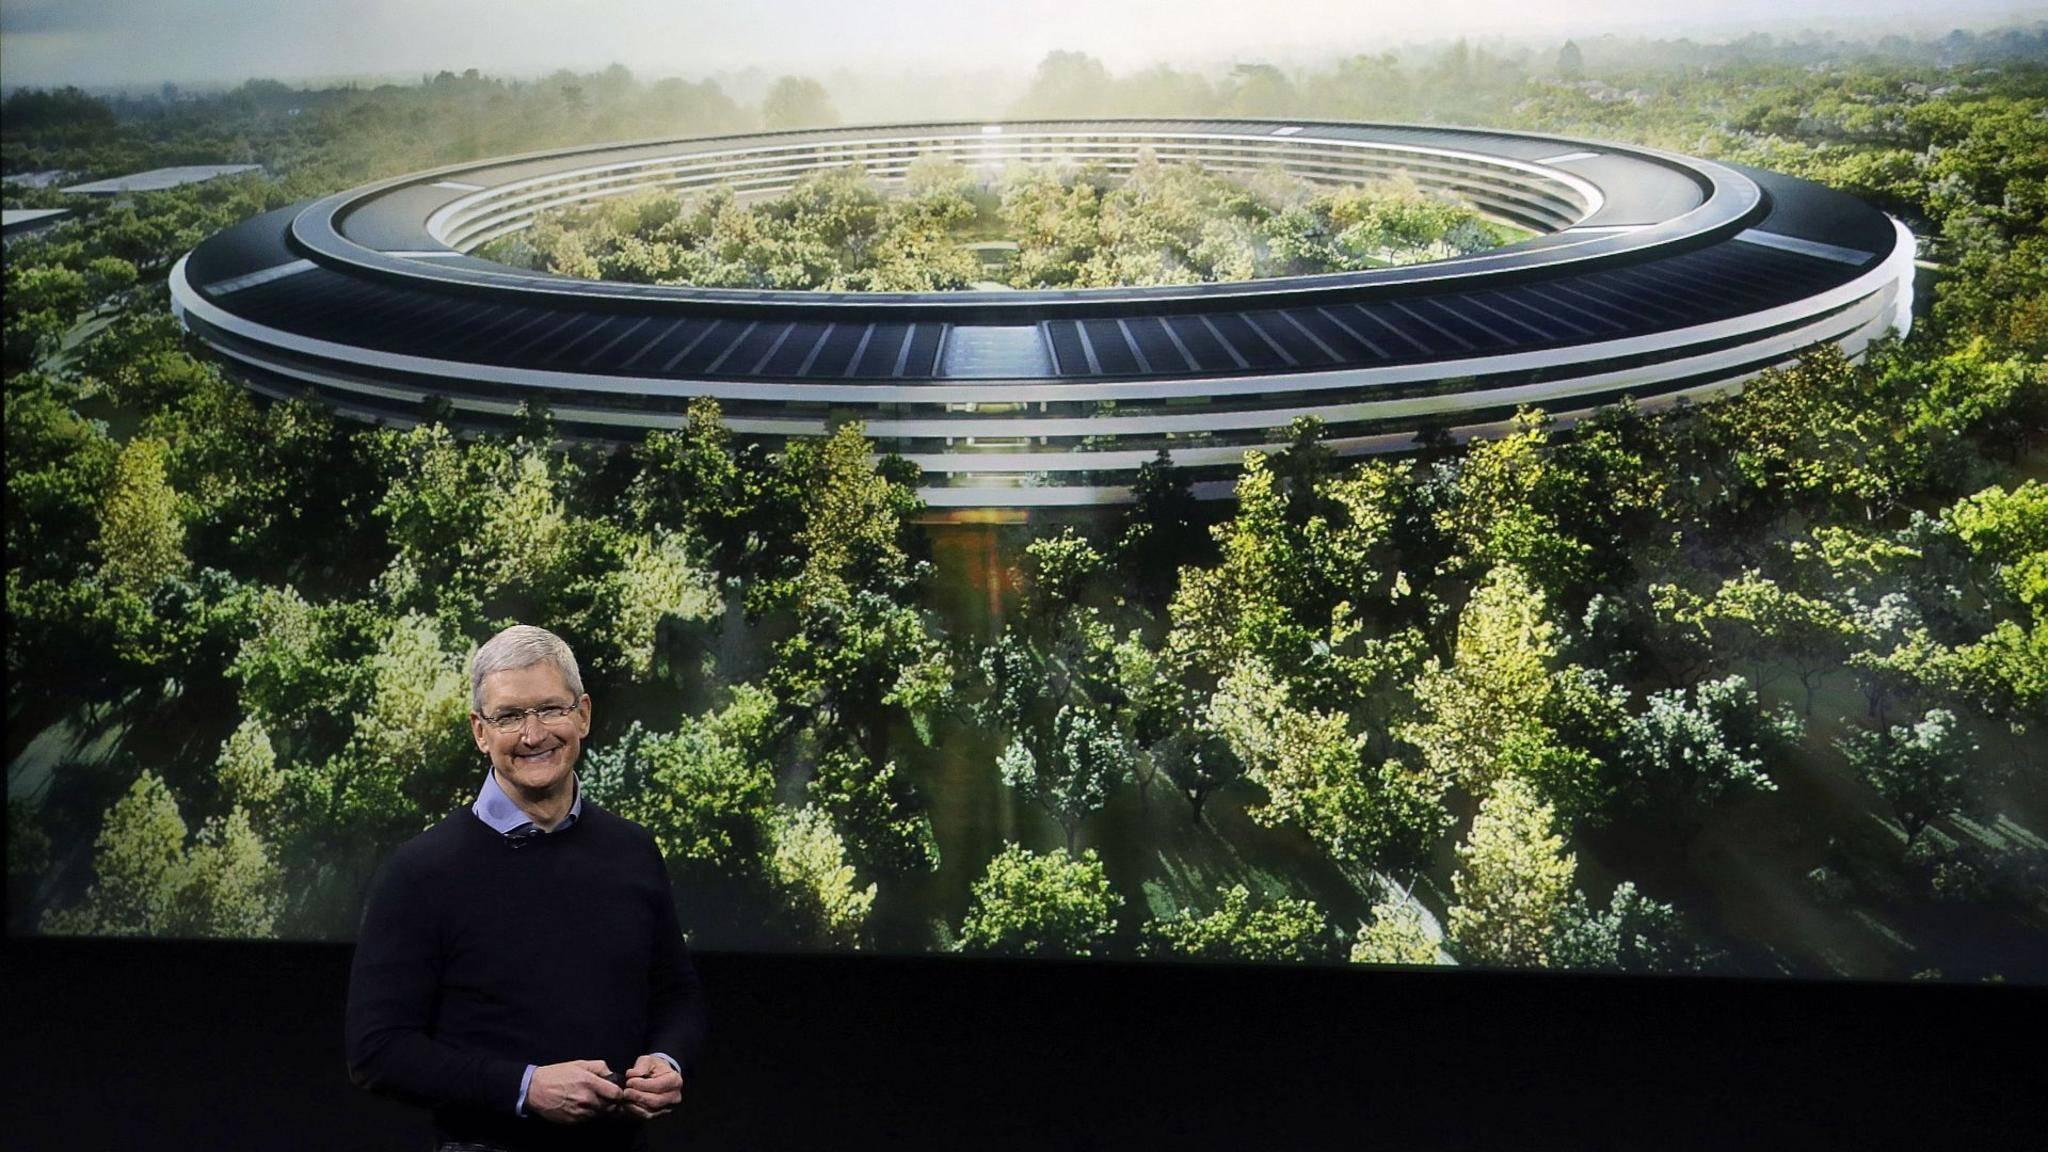 Beeindruckend: Tim Cook bei der Präsentation des Apple Campus im Mai 2016.